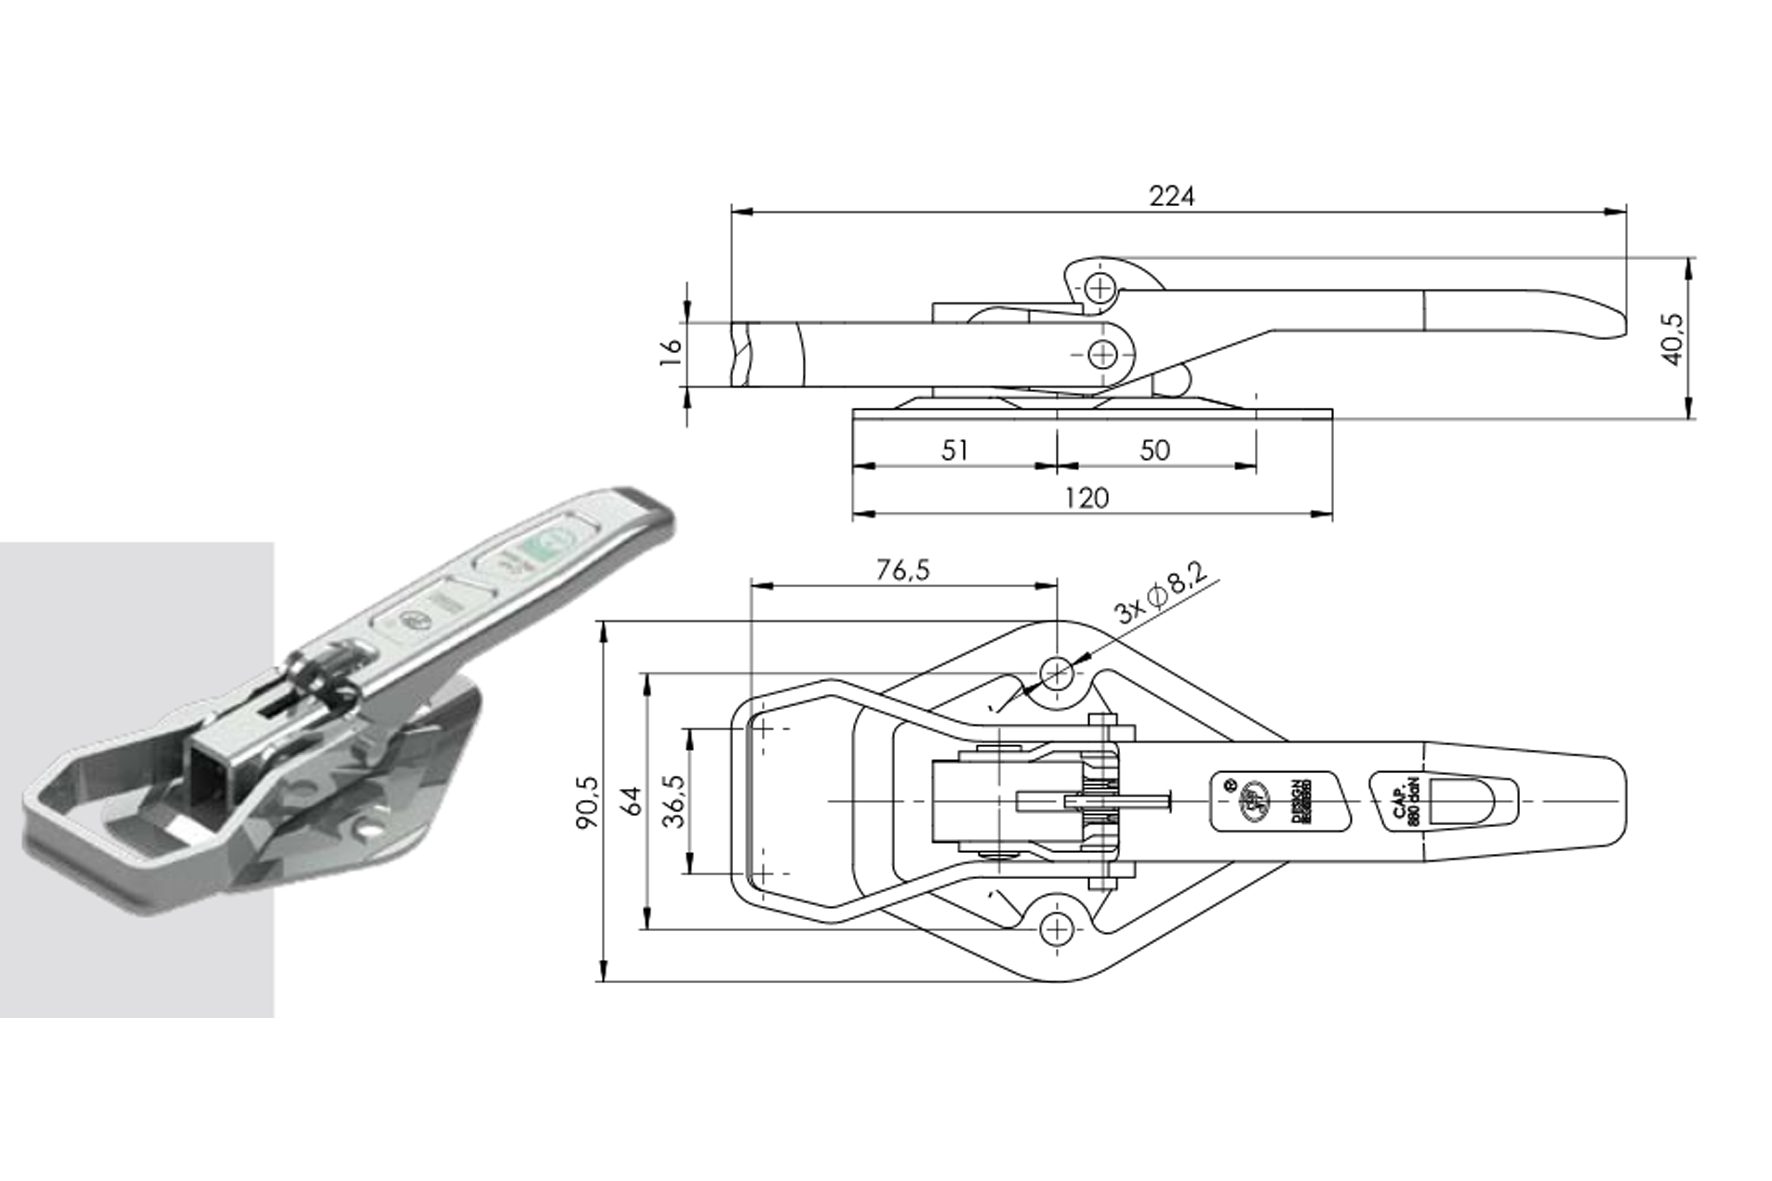 Verrou remorque zb 05a achat en ligne ou dans notre magasin - Achat materiel bricolage en ligne ...